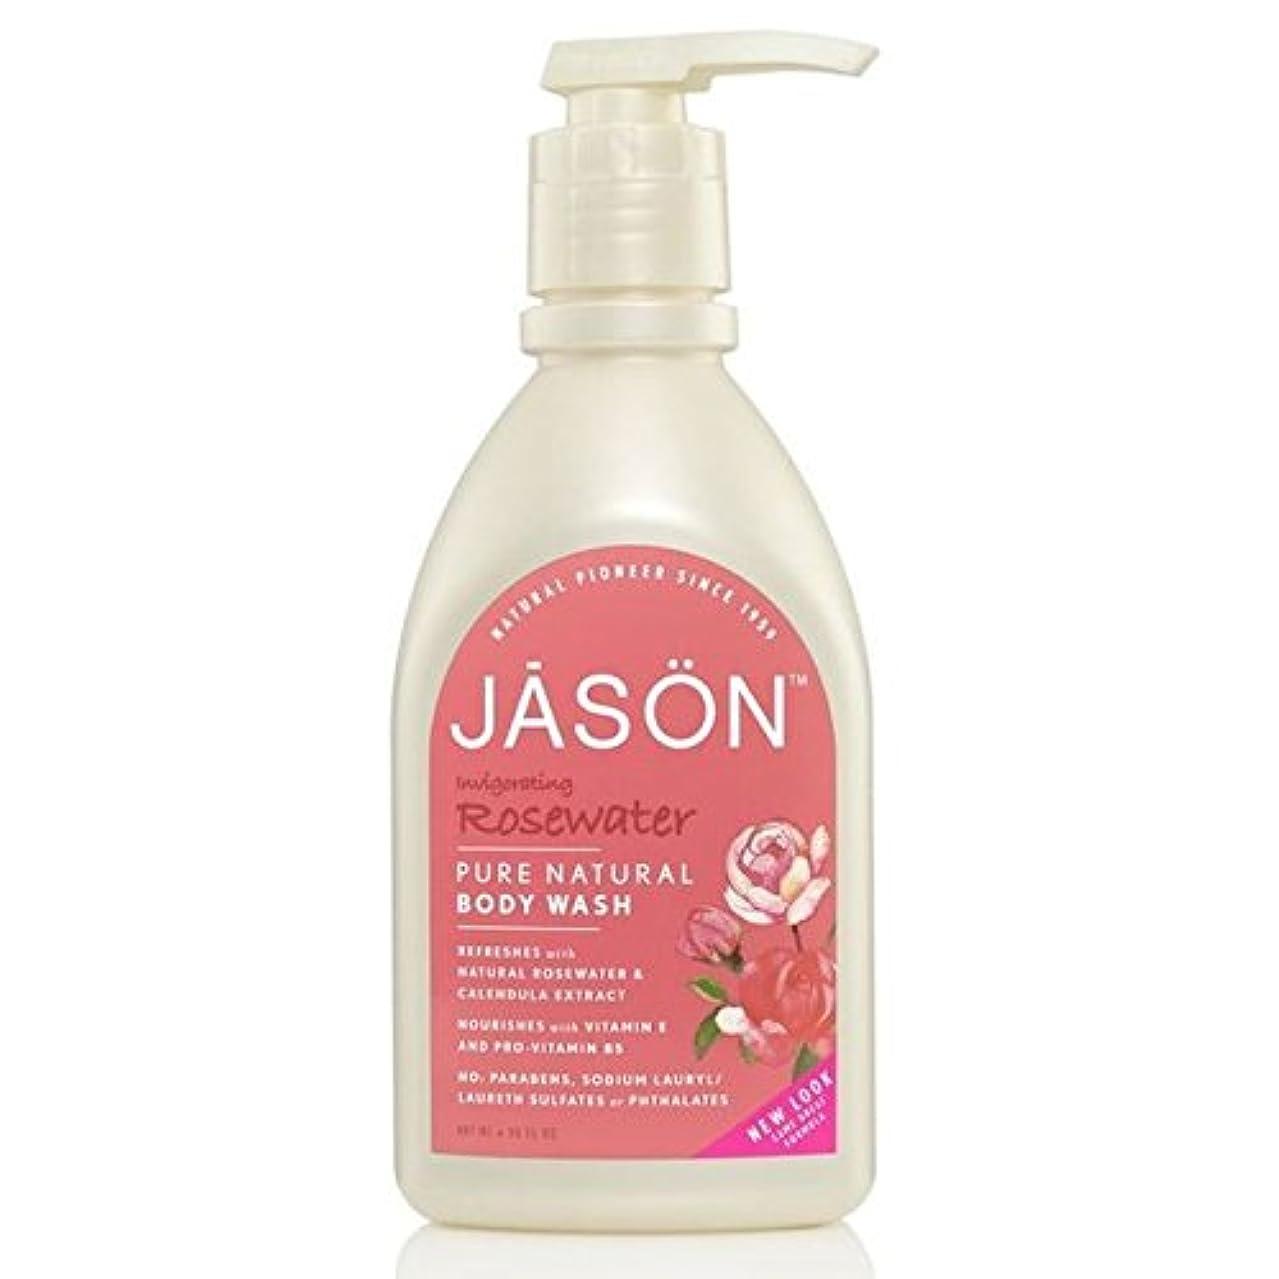 ブリリアント援助一人でジェイソン?ボディウォッシュローズウォーターサテンシャワー900ミリリットル x4 - Jason Body Wash Rosewater Satin Shower 900ml (Pack of 4) [並行輸入品]